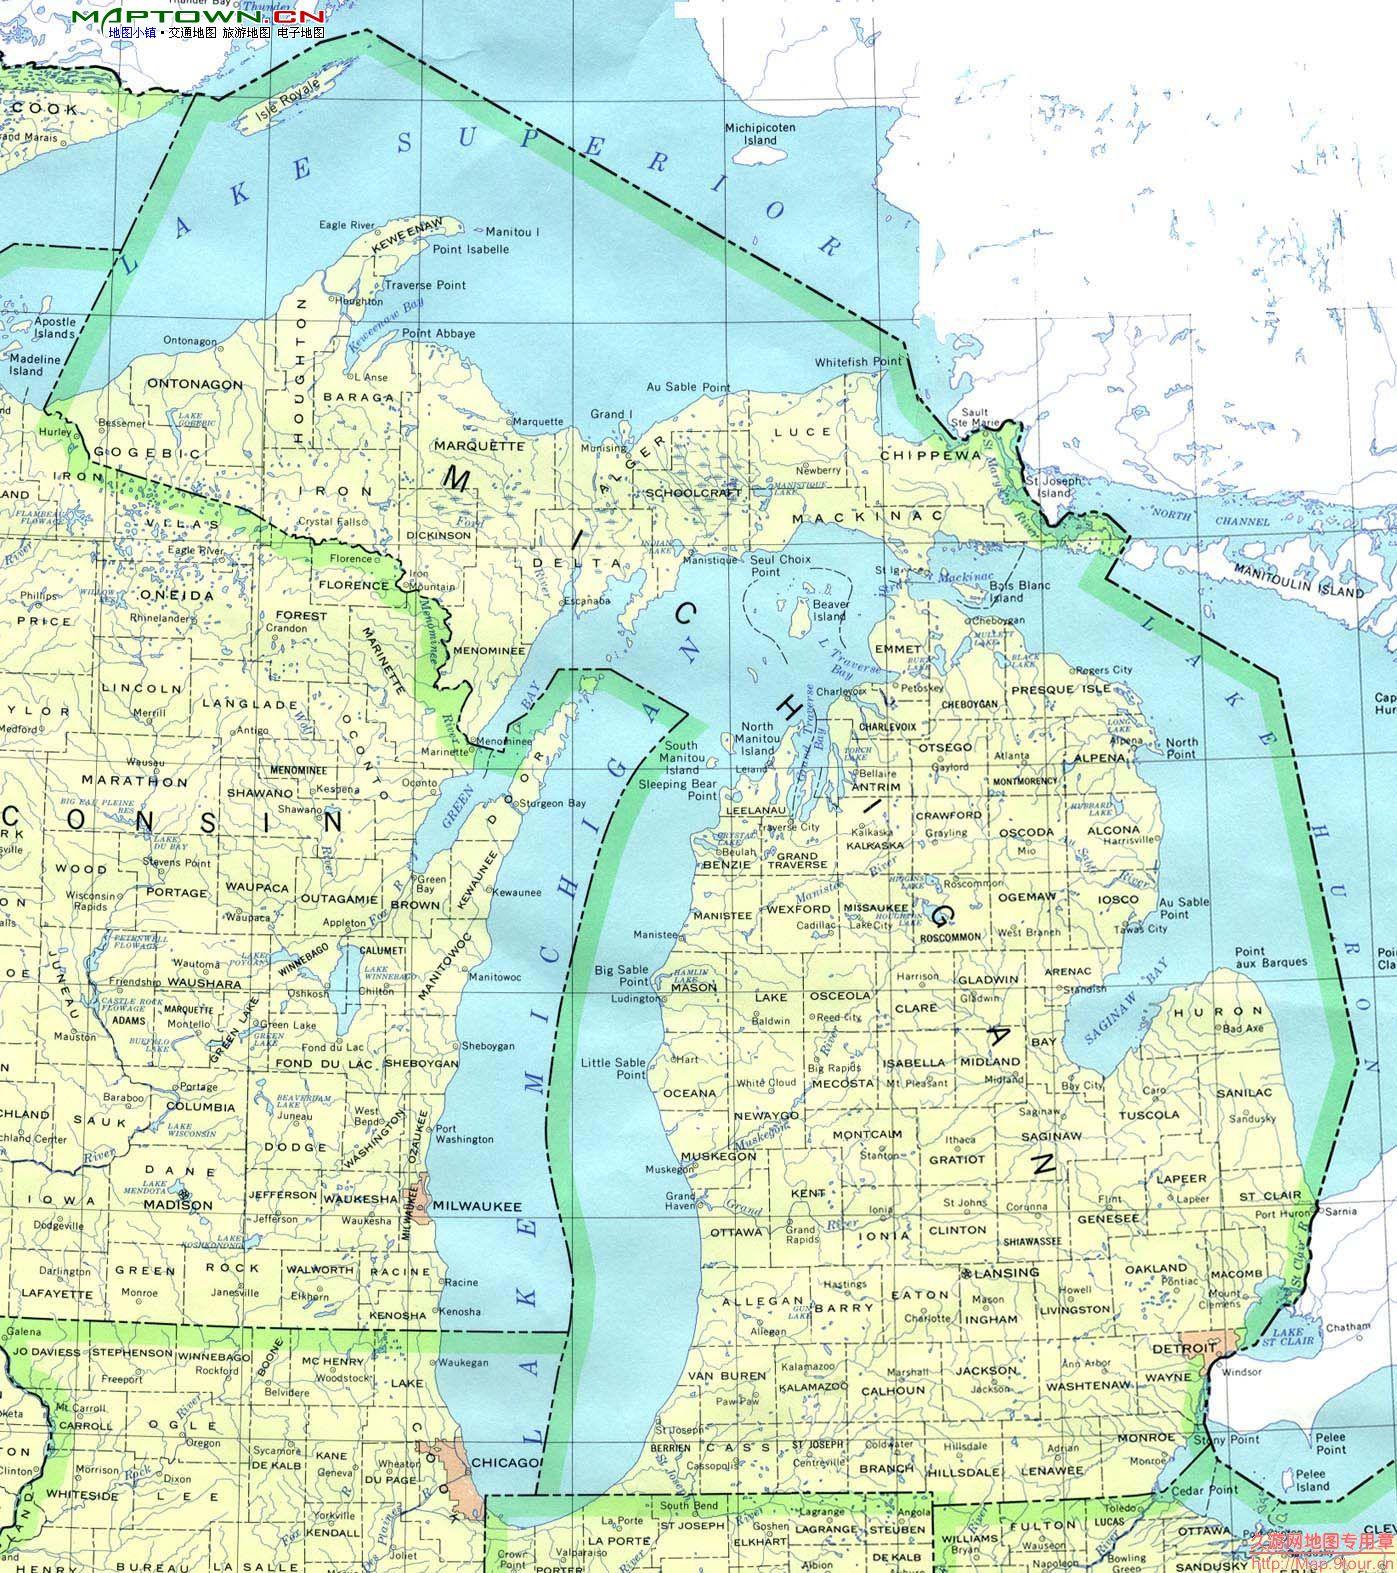 北美洲(North America): 美国密歇根州(MI Michigan)地图和经维度 - astrojina - AstroJina的星座世界